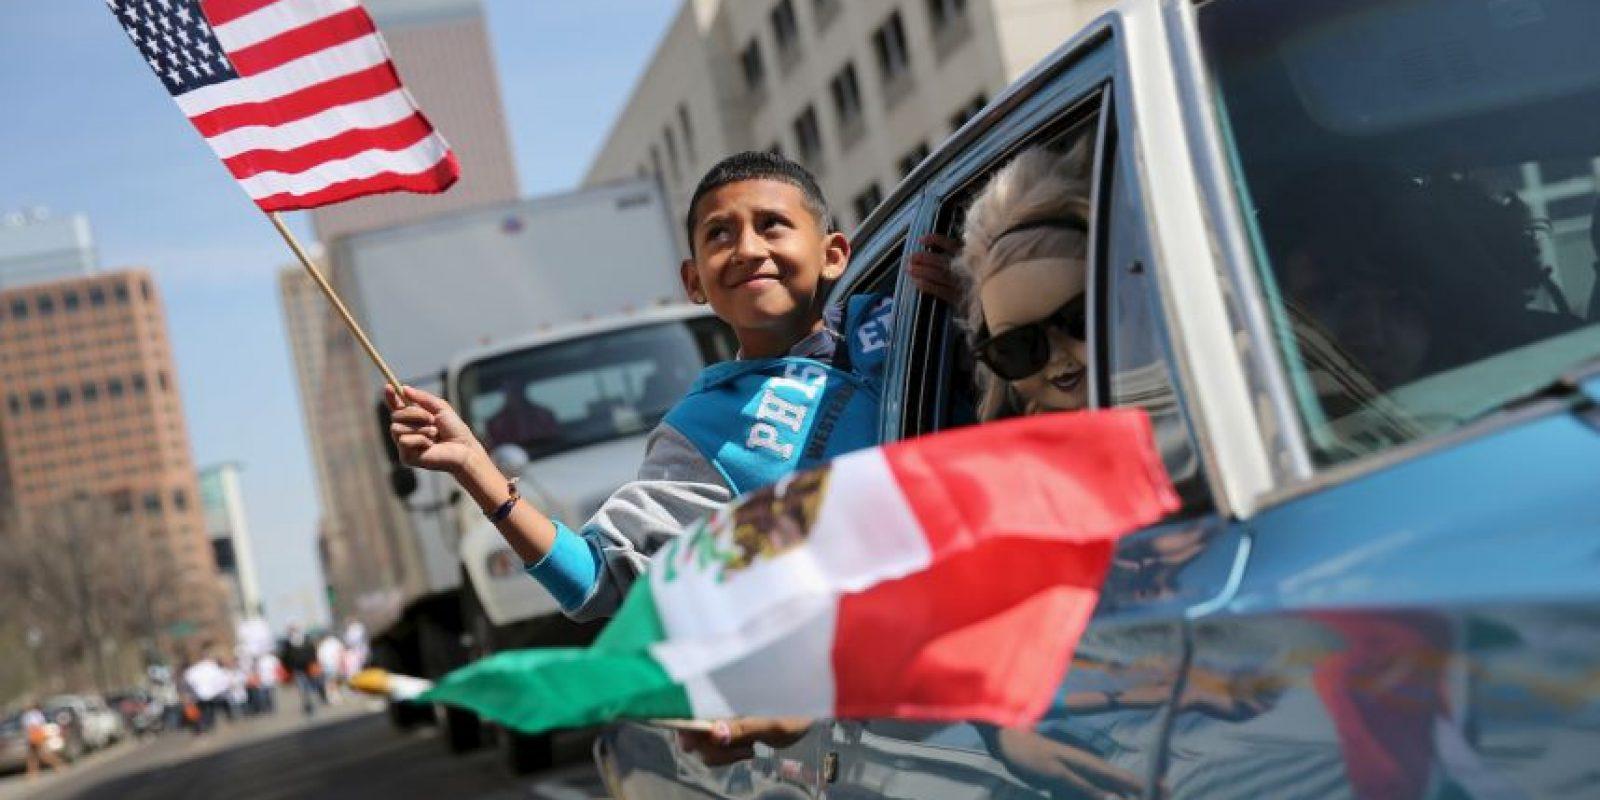 El tamaño de la comunidad hispana en el país es lo suficientemente grande como para influir directamente en el contenido de la programación de los medios de comunicación. Foto:Getty Images